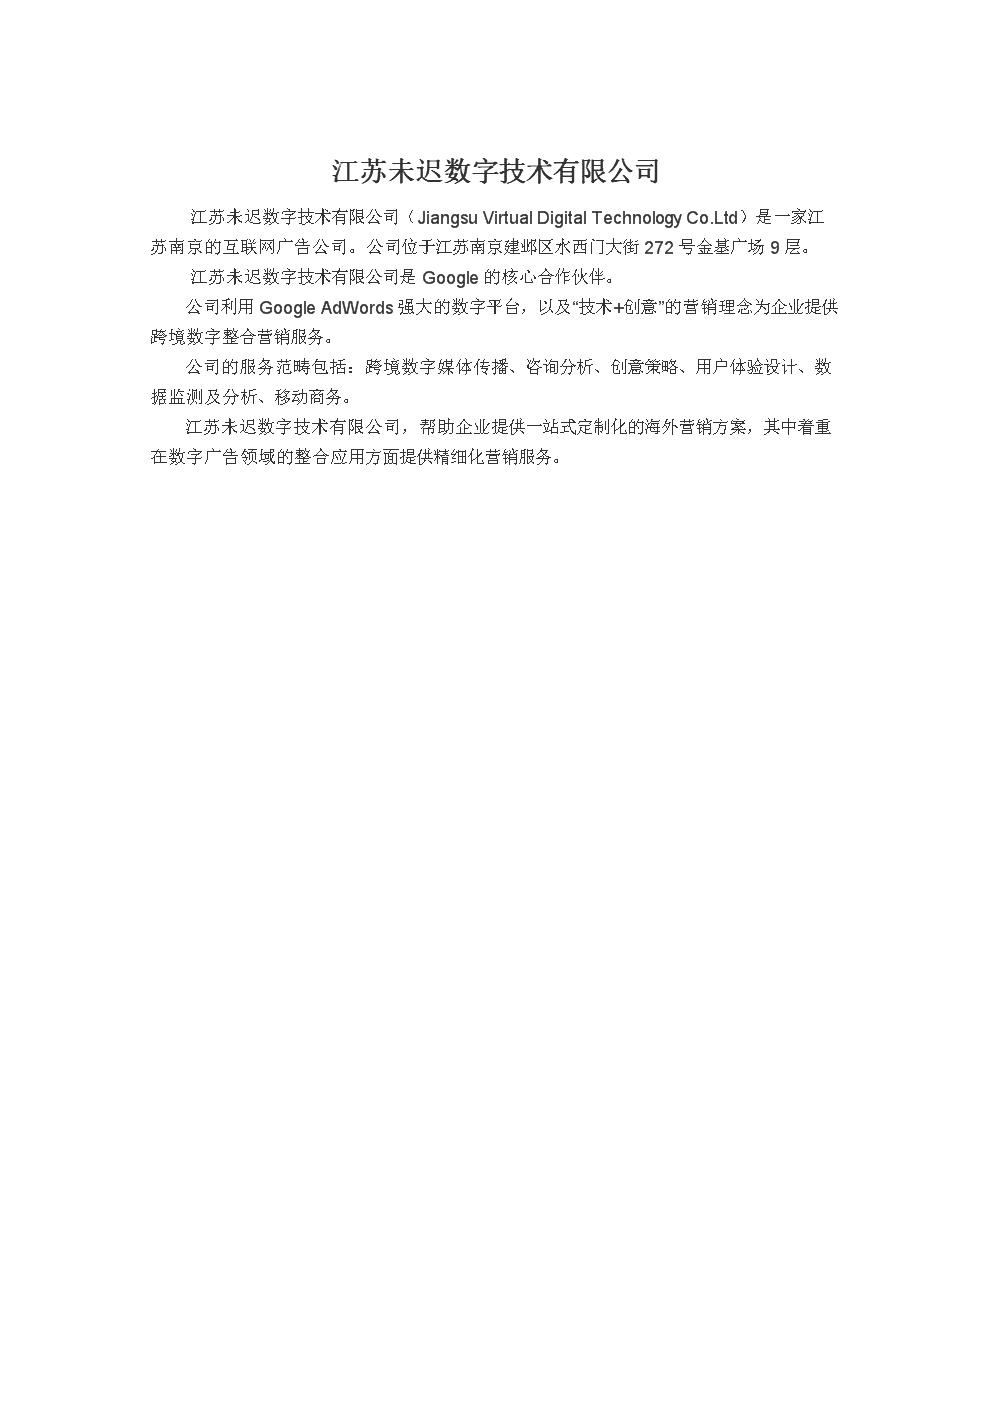 APP培训-江苏未迟数字技术有限公司.docx